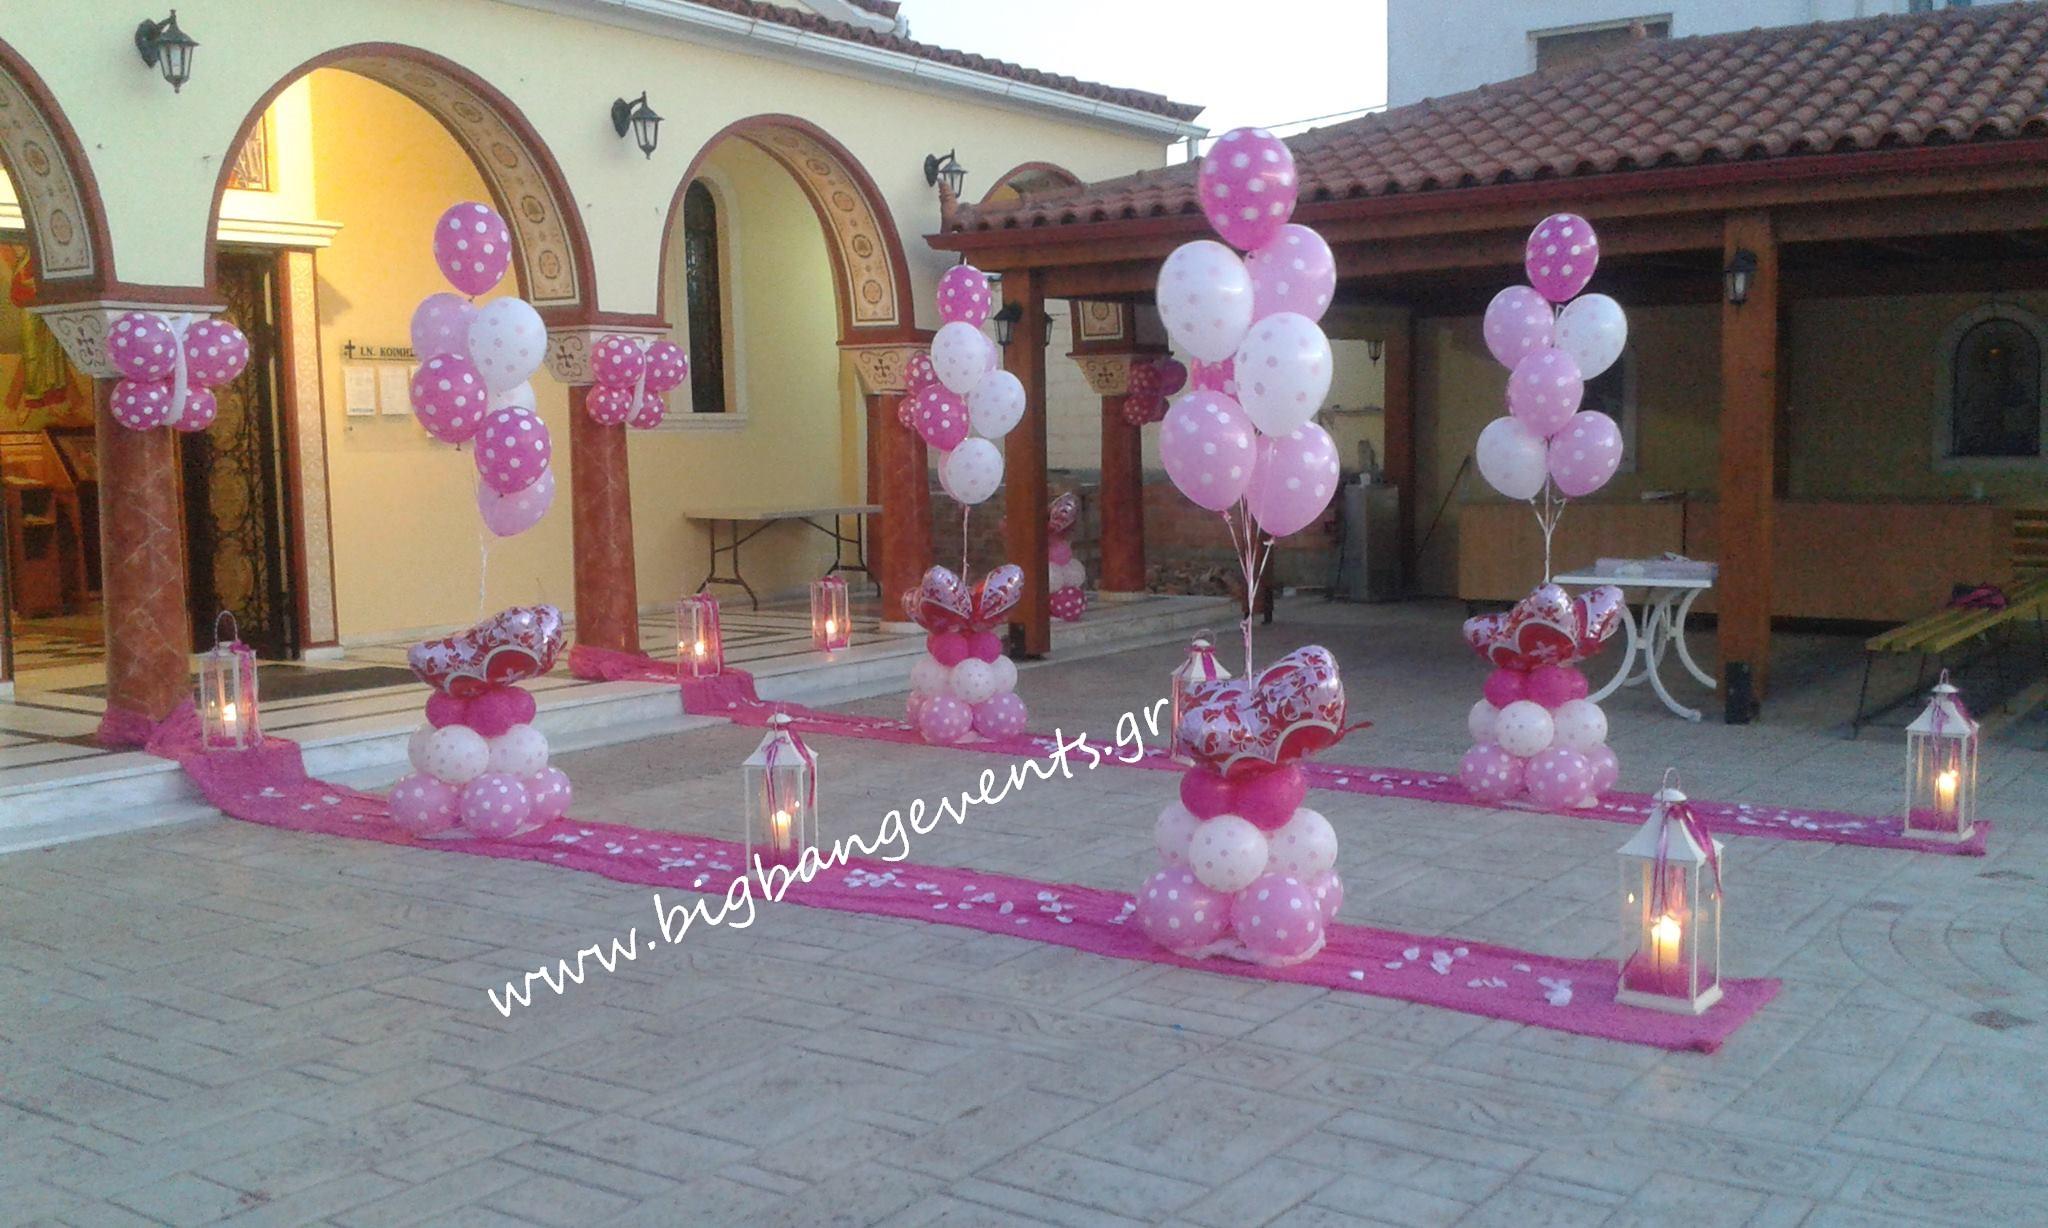 εισοδος με συνθεση μπαλονιων